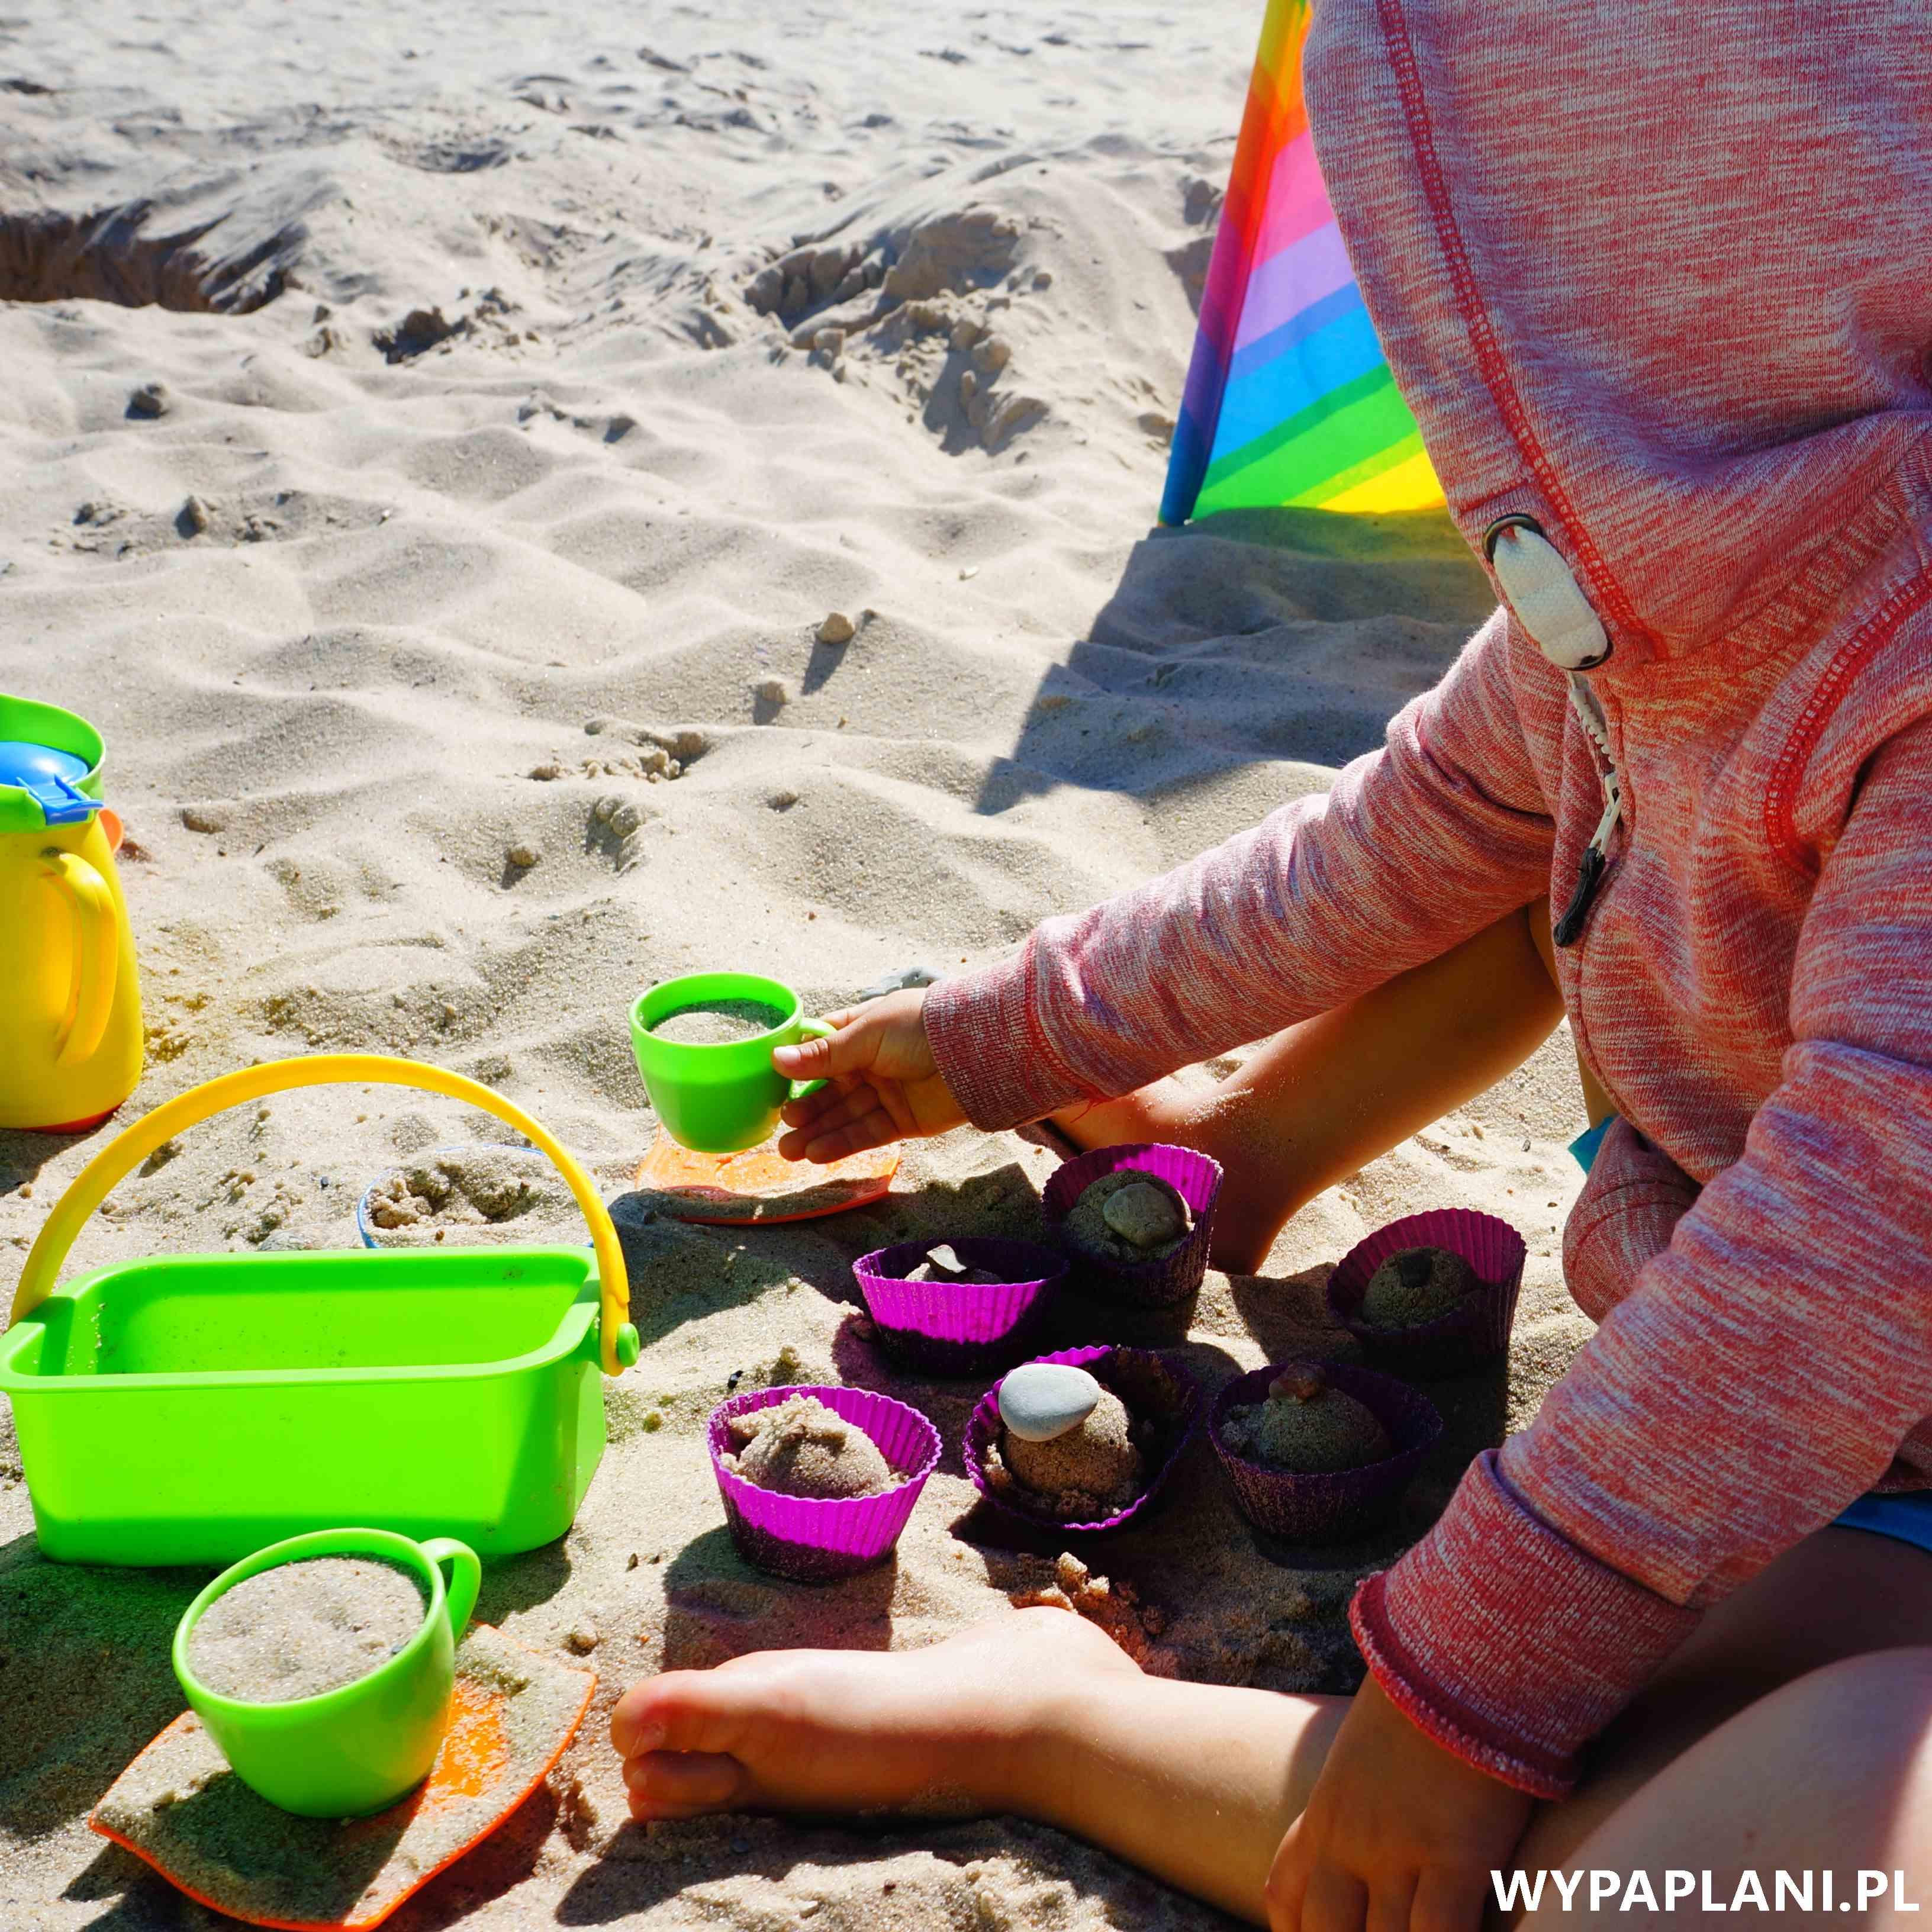 018_top zabawki do piasku piaskownicy na plażę